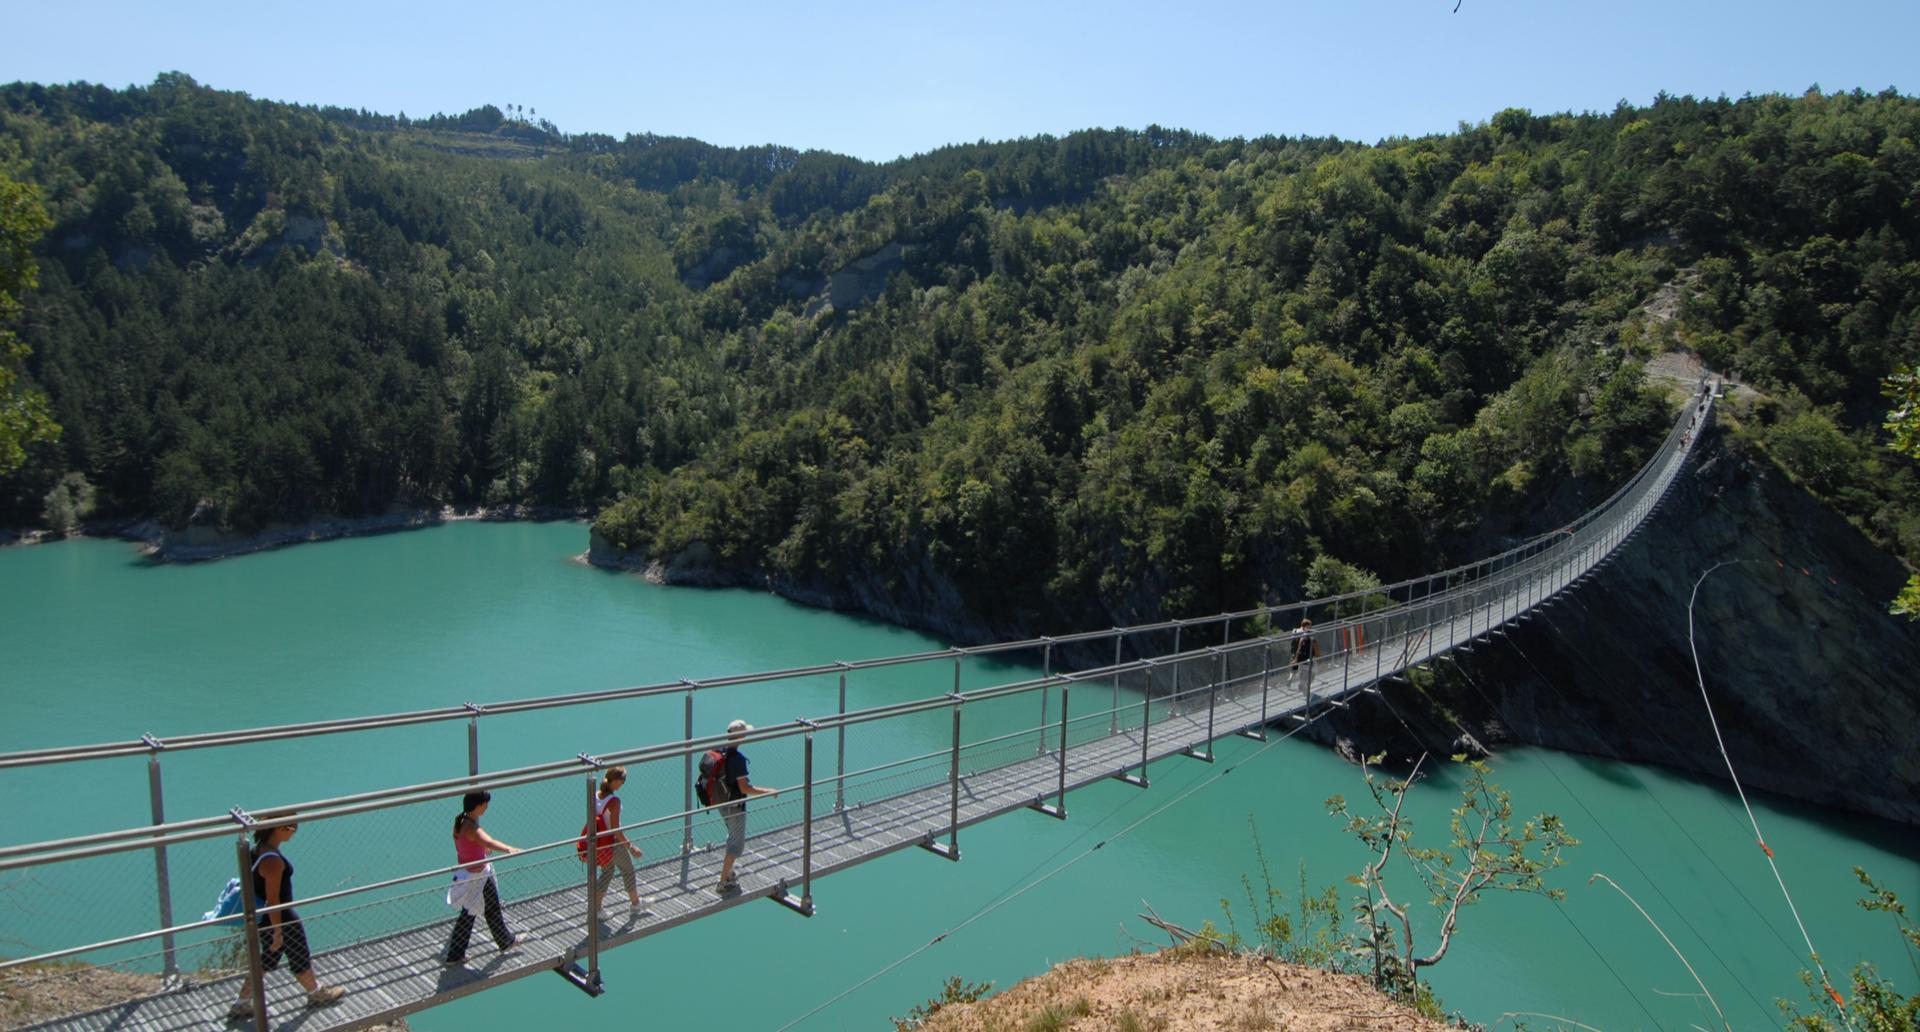 Tourisme à Grenoble  : les cinq spots de l'Isère à découvrir cet été Capture%20d%E2%80%99e%CC%81cran%202021-06-24%20a%CC%80%2010.18.45